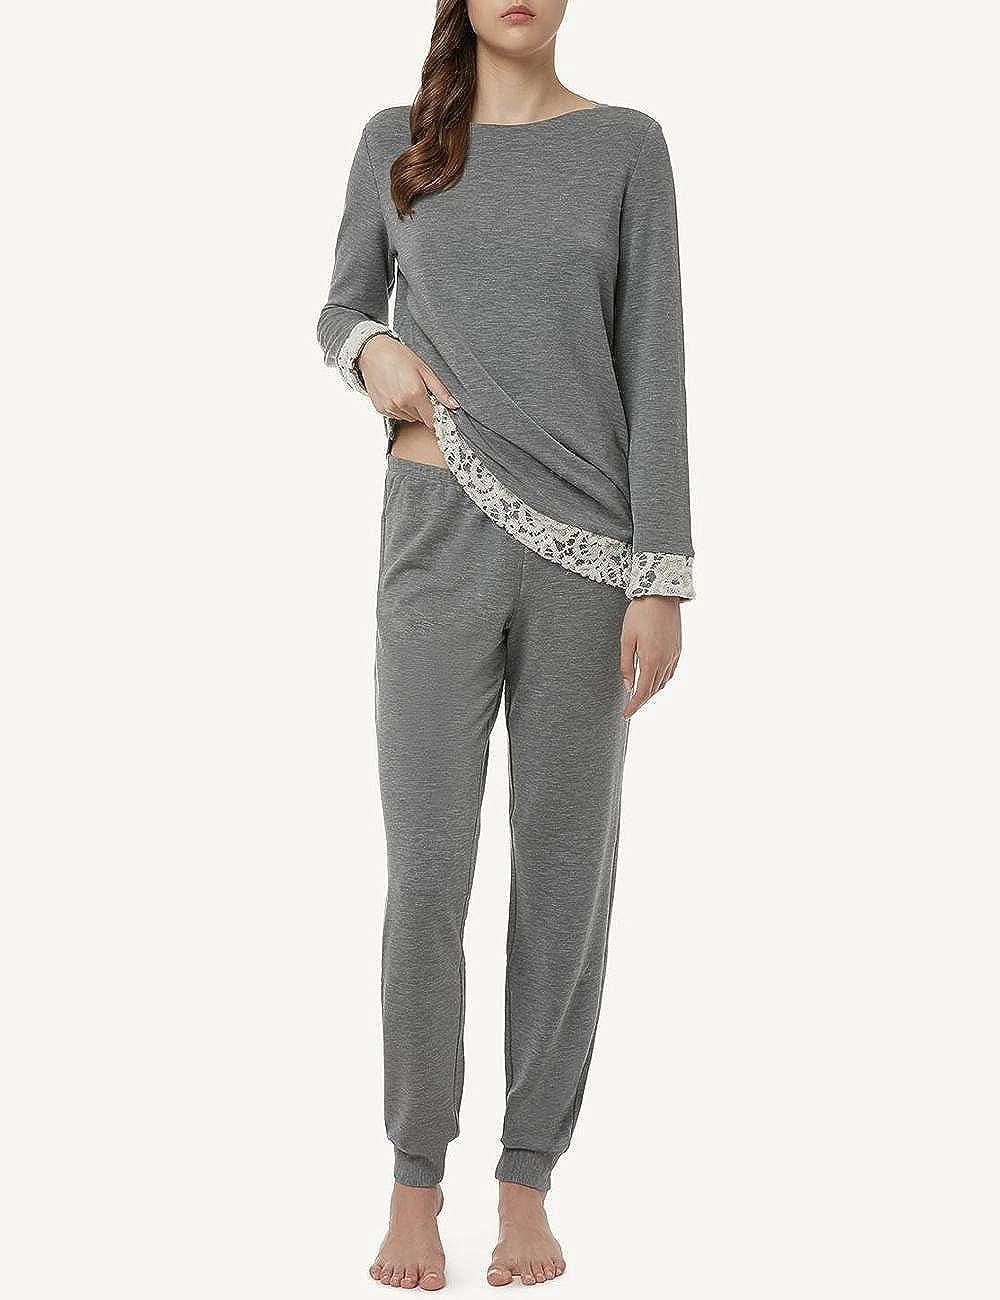 Intimissimi - Pijama - para Mujer Grau - 976 Medium: Amazon.es: Ropa y accesorios